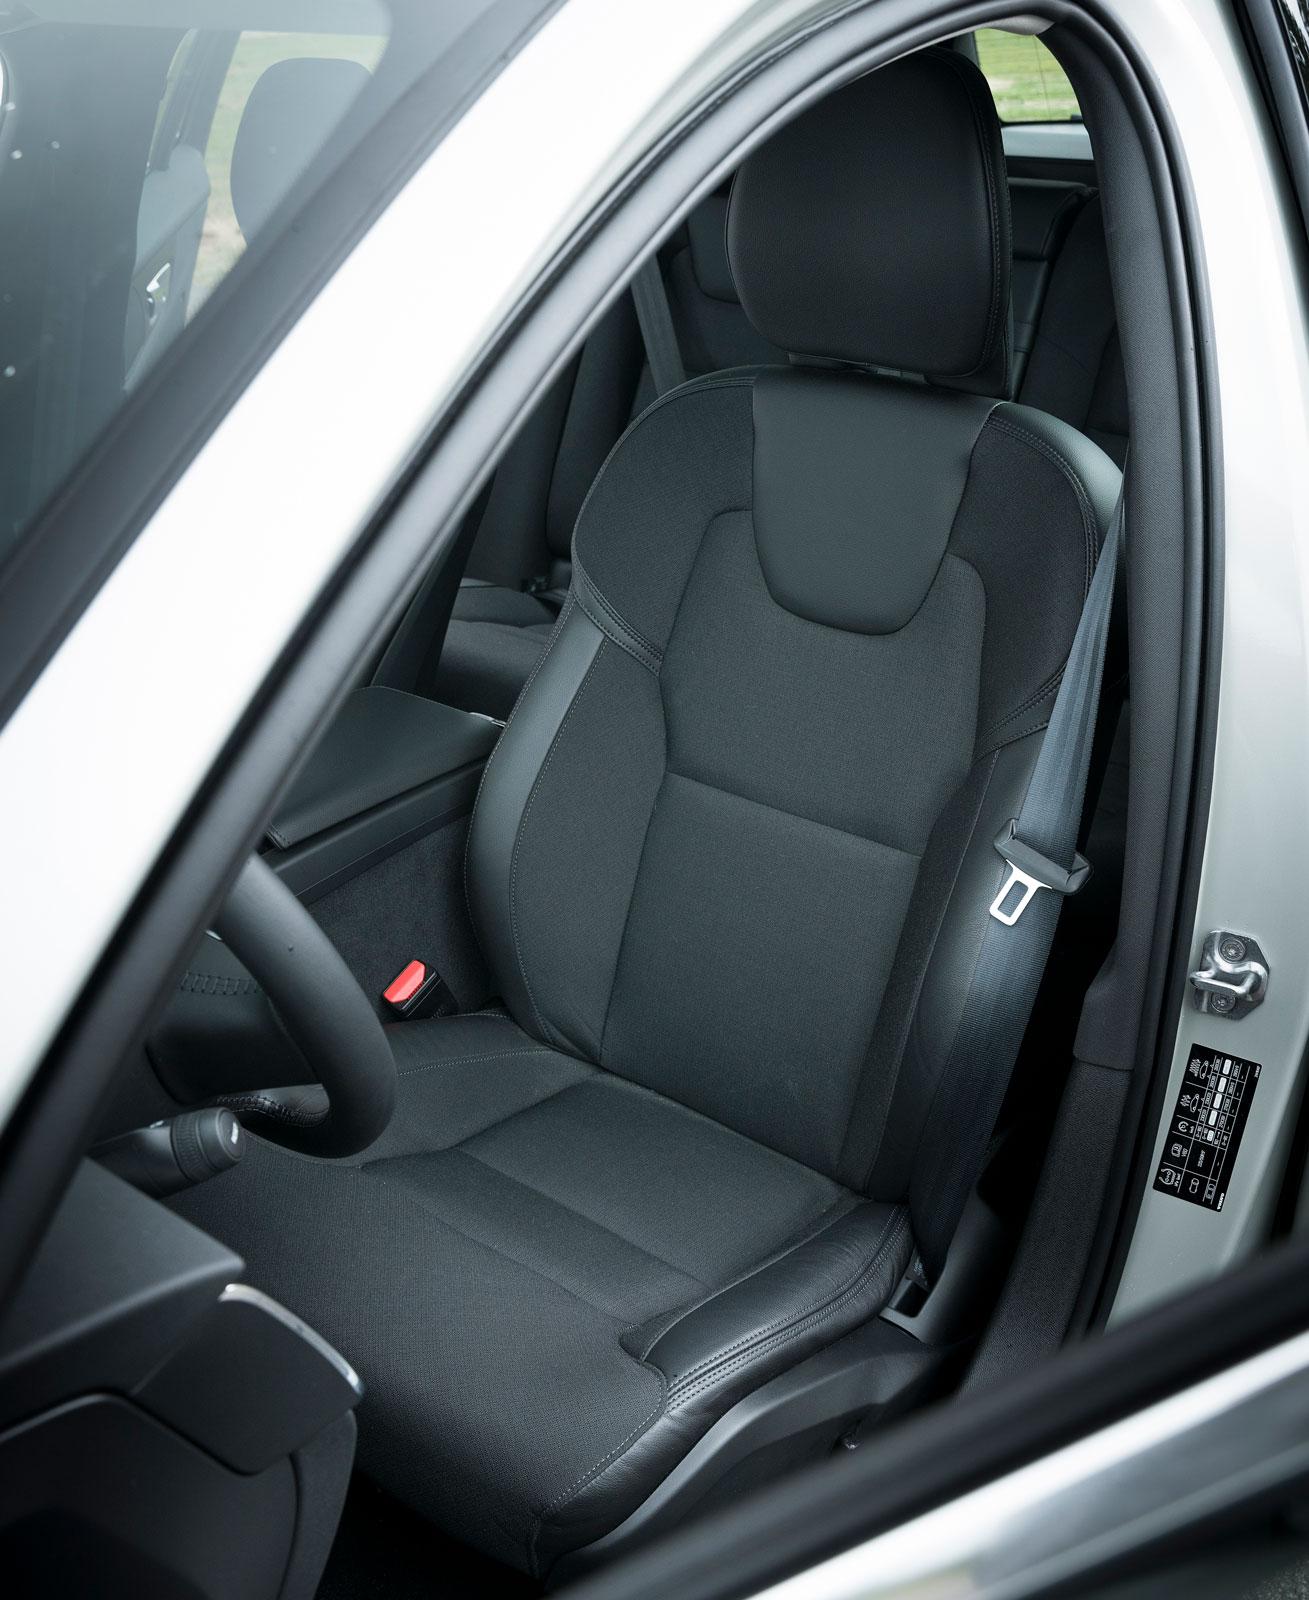 Testets skönaste stolar finns i V60, därom var alla testförare helt överens. Tygklädseln är av ett trivsamt snitt och håller hög kvalitet.